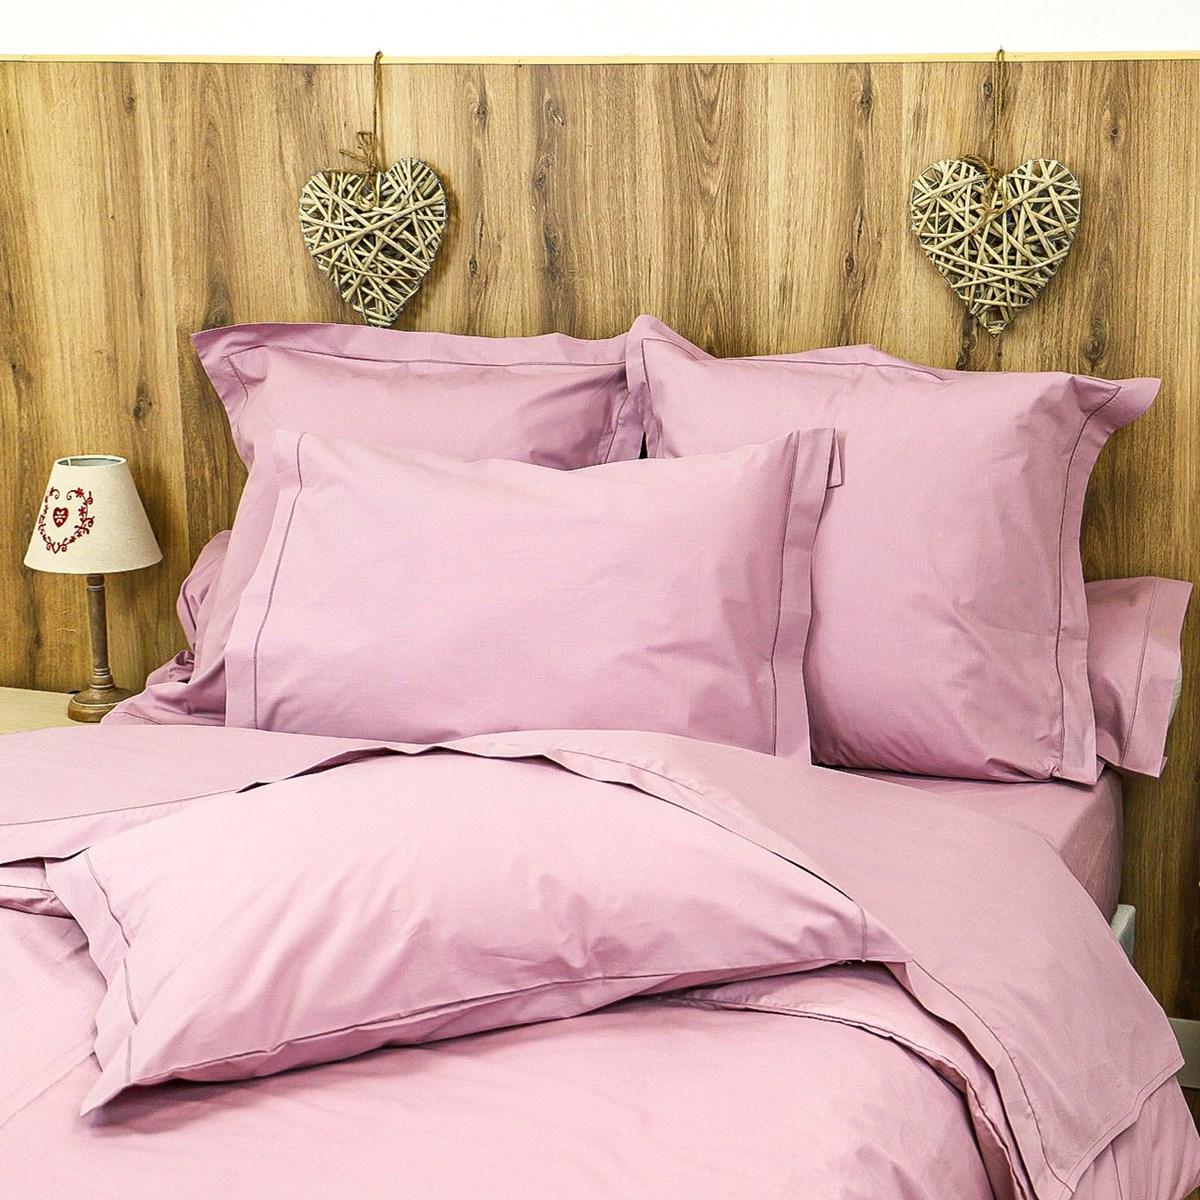 Parure housse de couette percale 200 fils en coton violet 200x200 cm